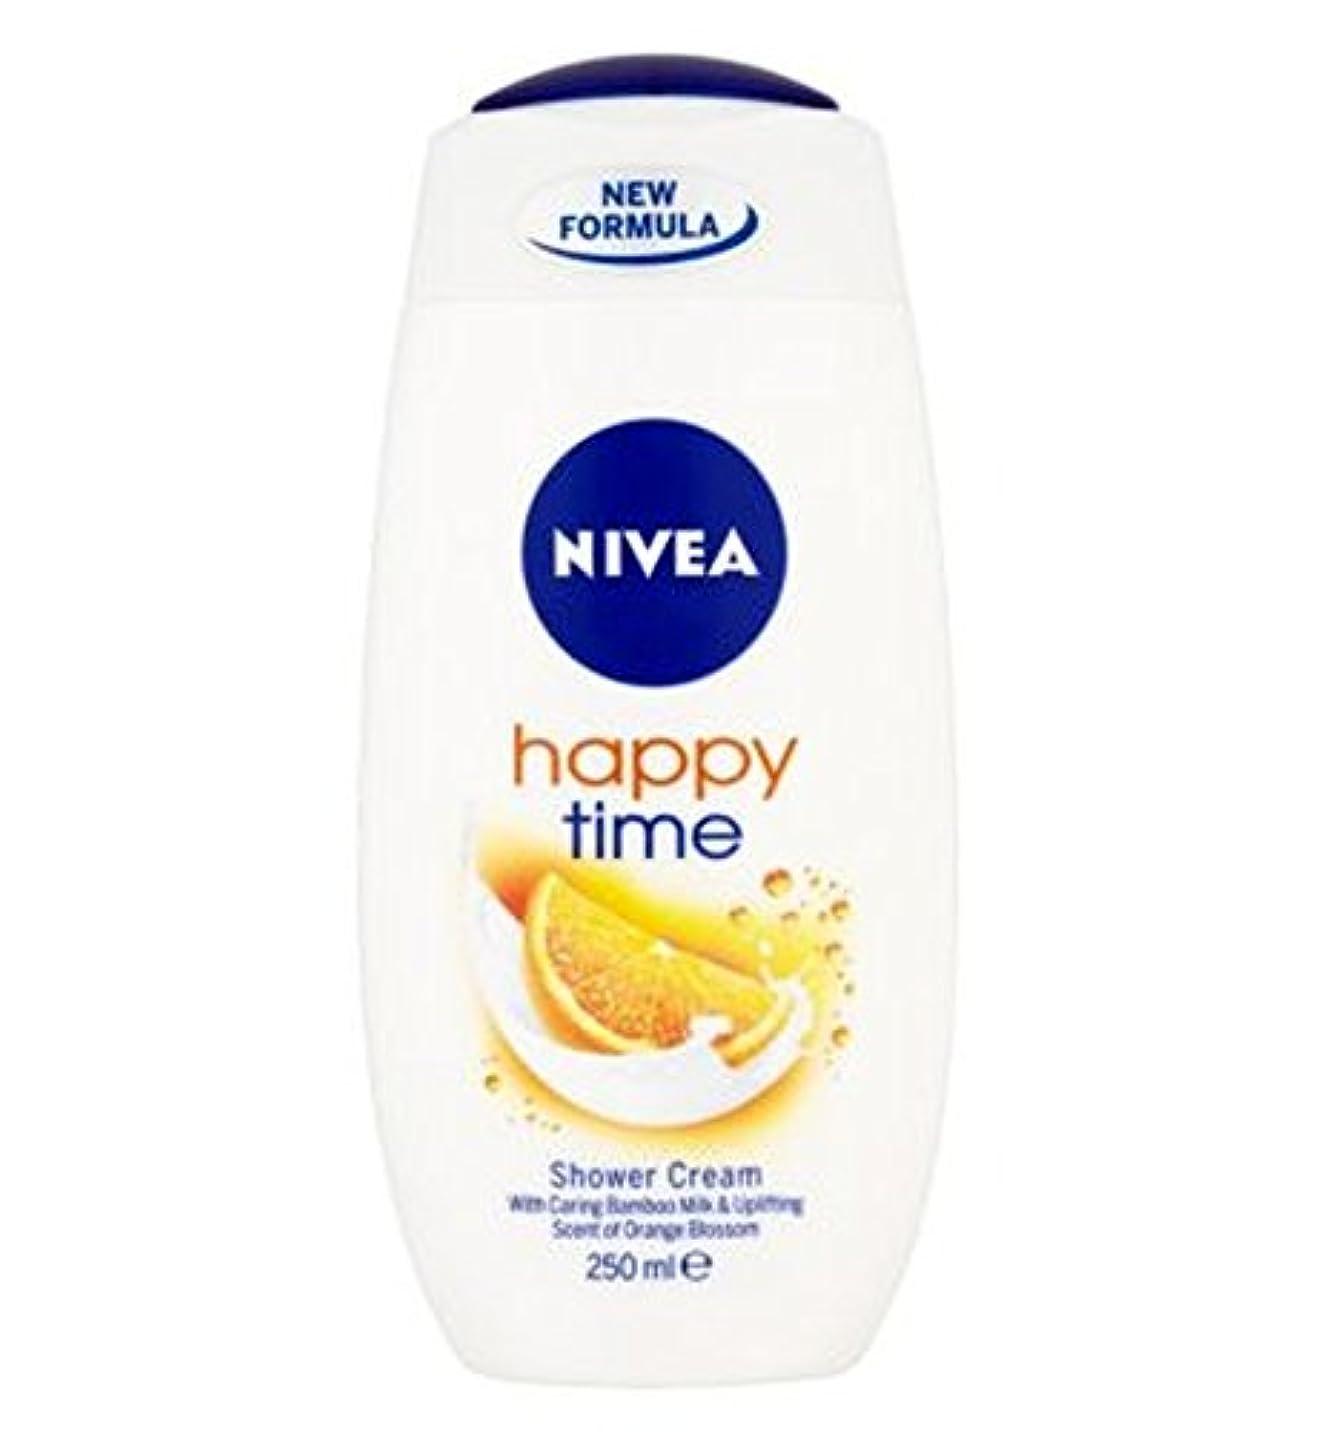 基本的な偽善者知るニベア幸せな時間シャワークリーム250ミリリットル (Nivea) (x2) - NIVEA Happy Time Shower Cream 250ml (Pack of 2) [並行輸入品]